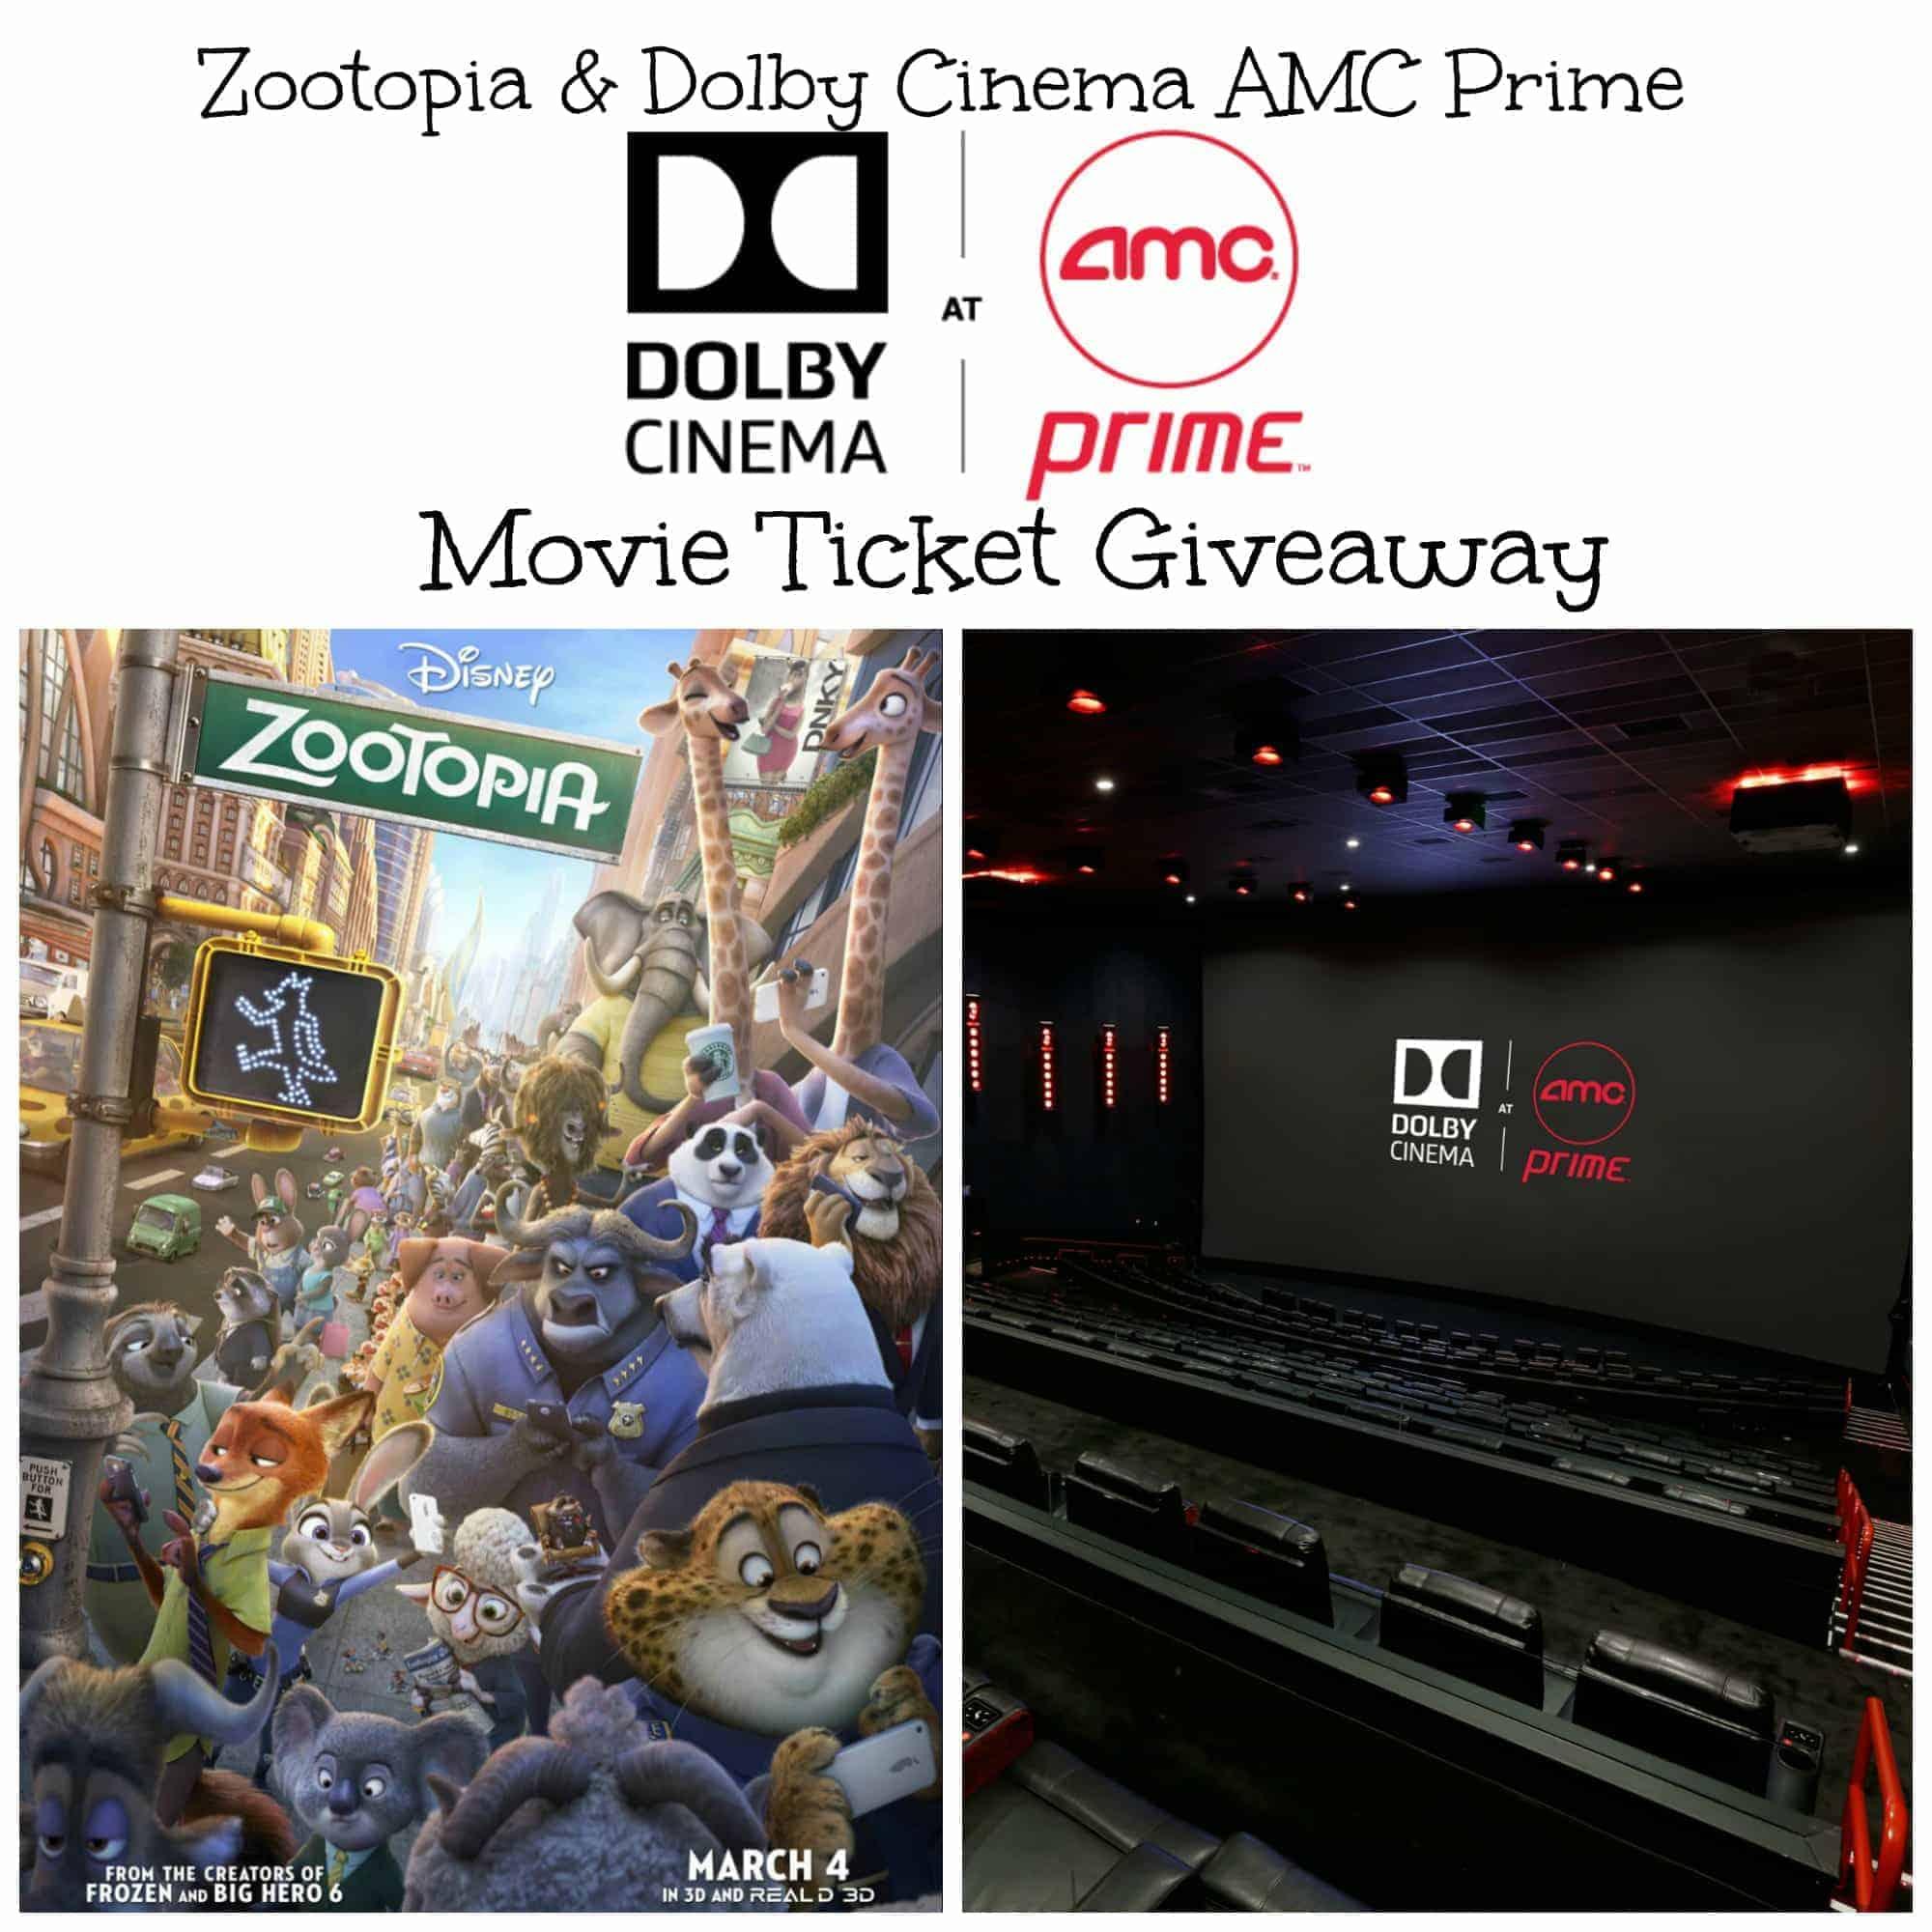 Zootopia AMC Prime Giveaway Kansas City